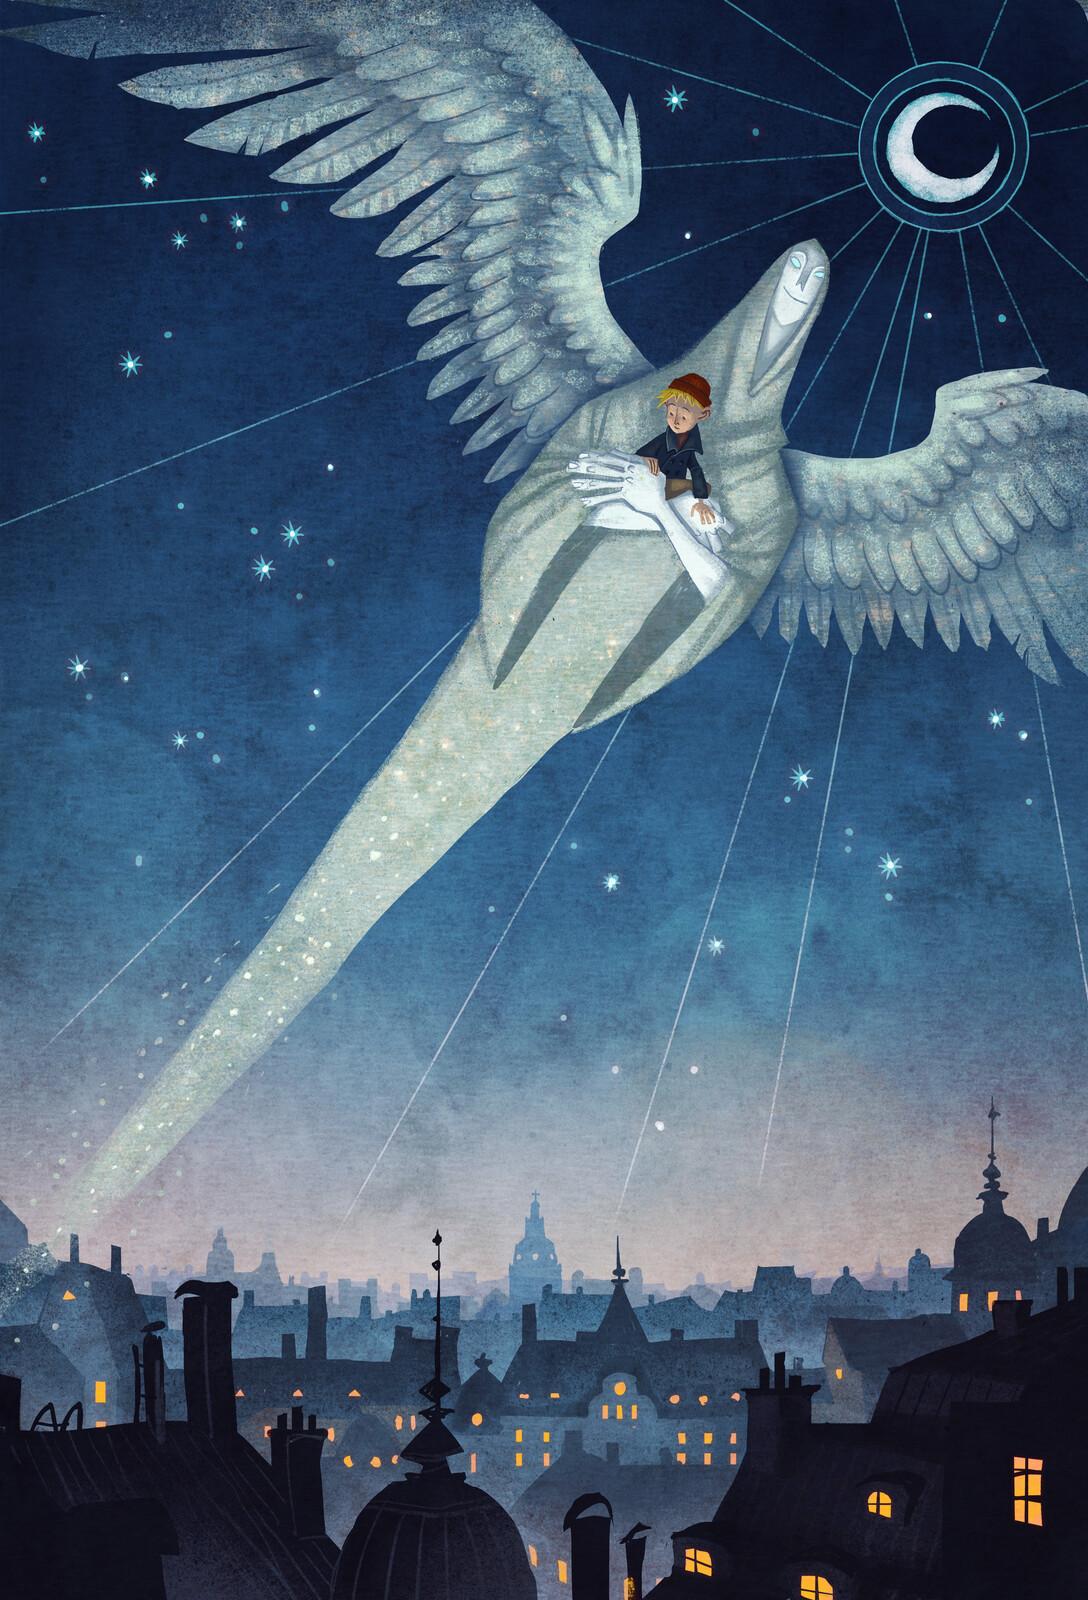 """""""The Spirit"""" - from Mio min Mio / Mio my Son by Astrid Lindgren"""